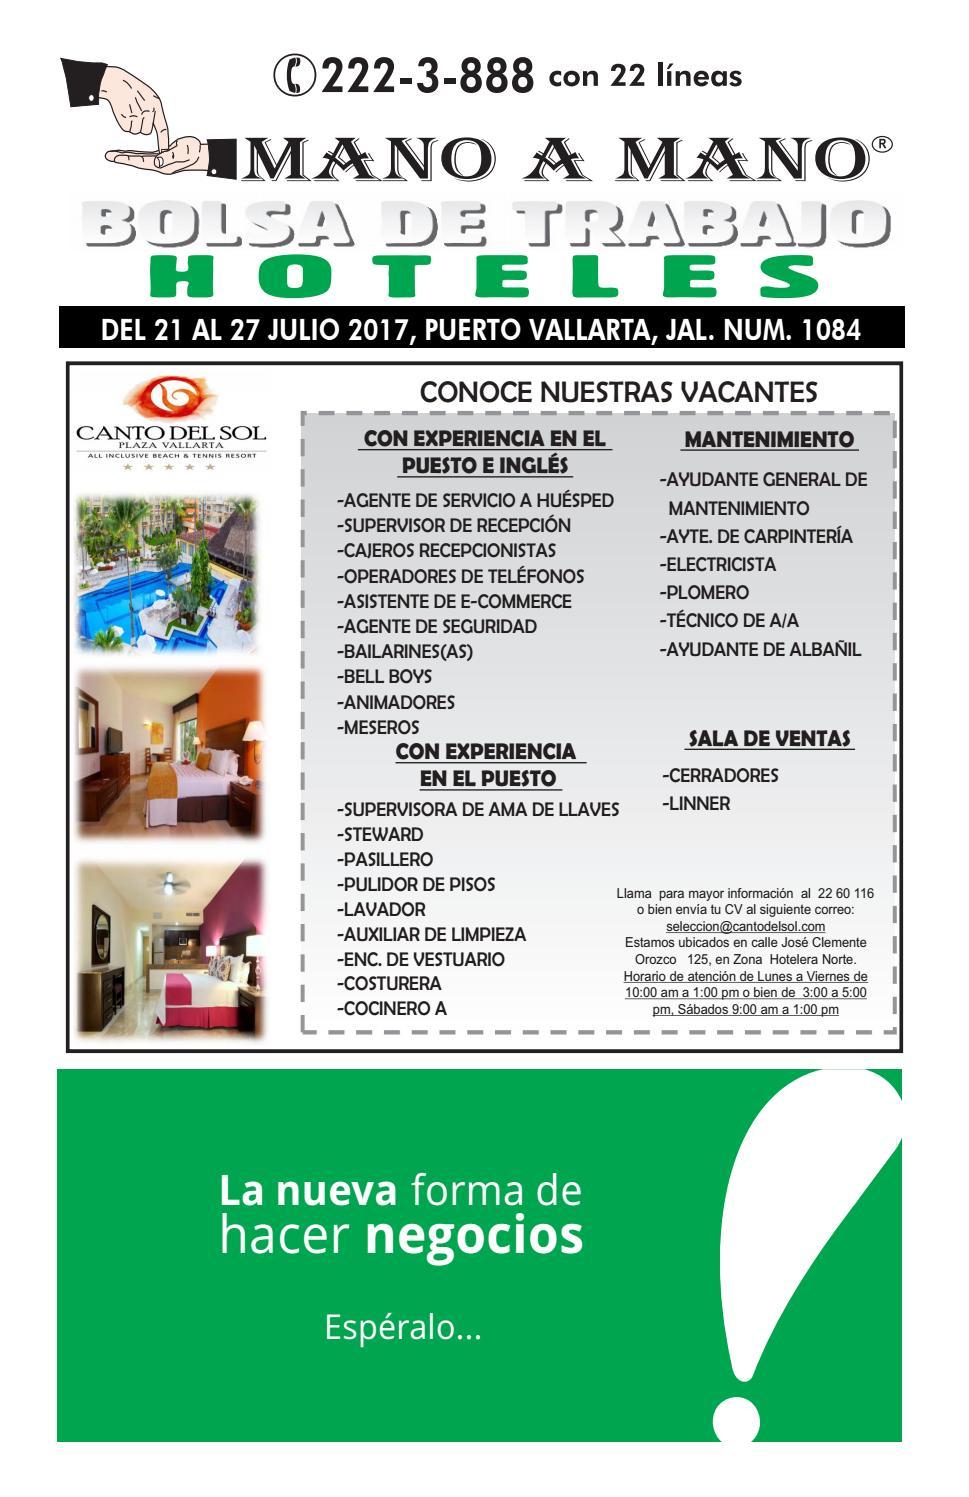 Bolsa trabajo hoteles 1084 by MANO A MANO - issuu